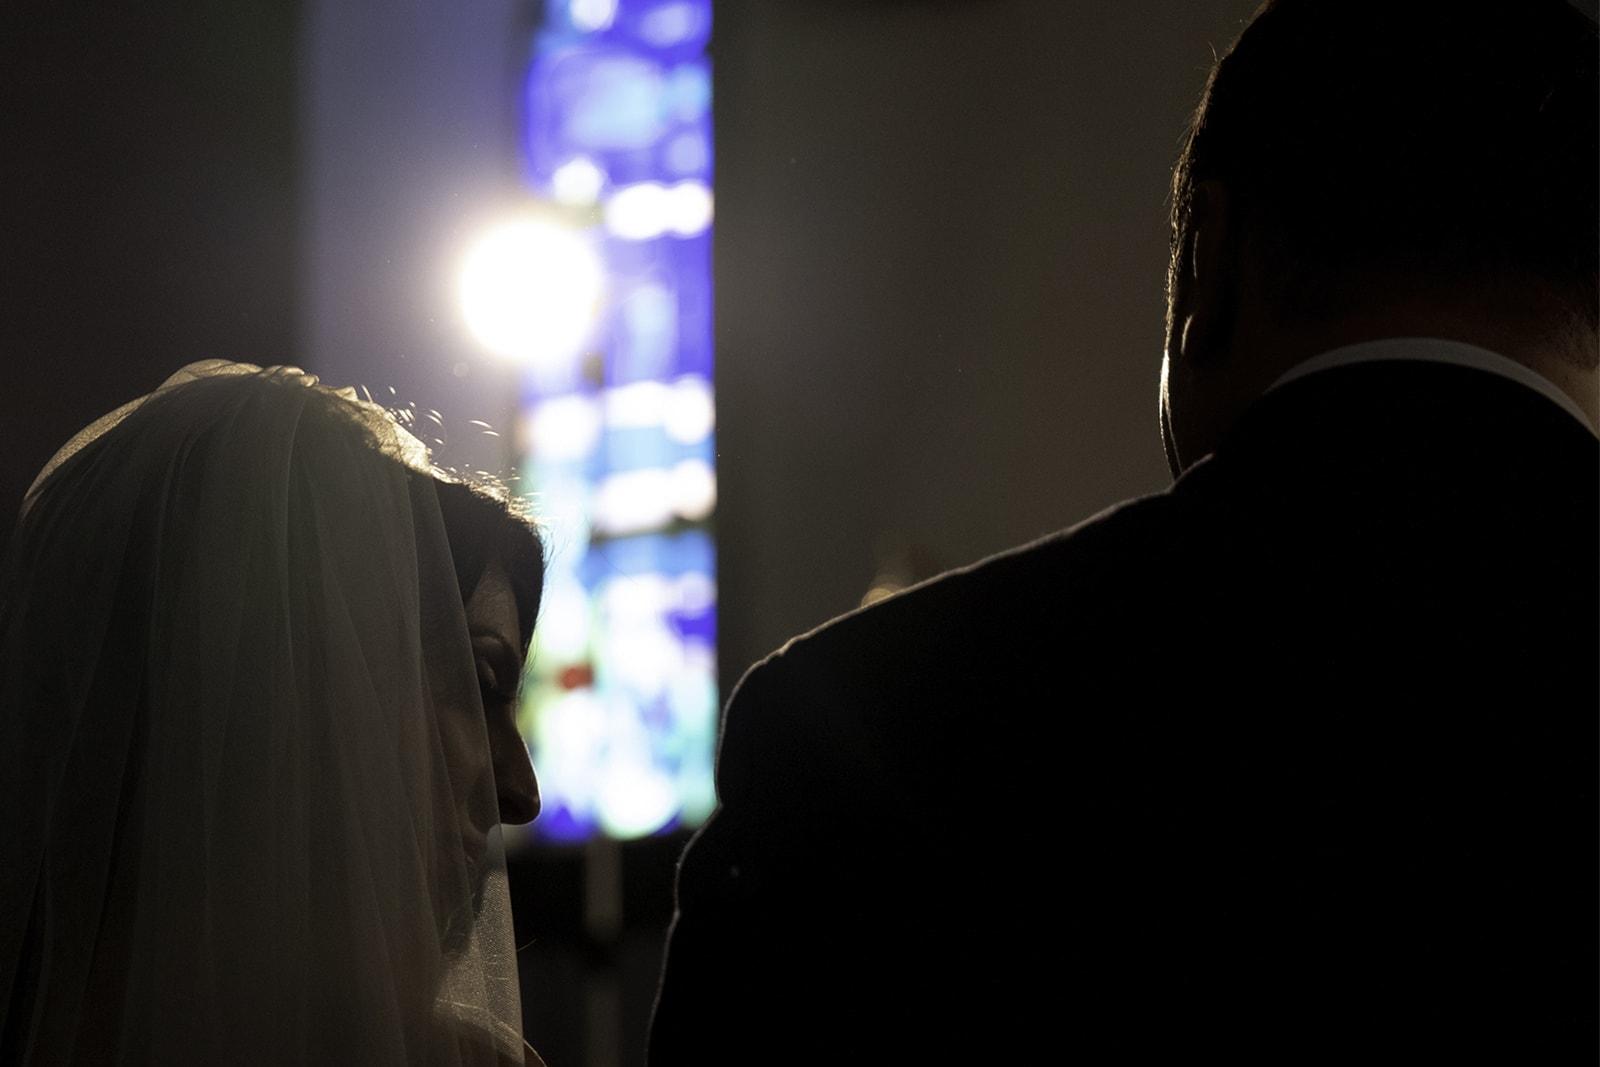 fotografo_di_matrimonio_reportage_reggio_calabria_mallamaci_pamela_e_davide